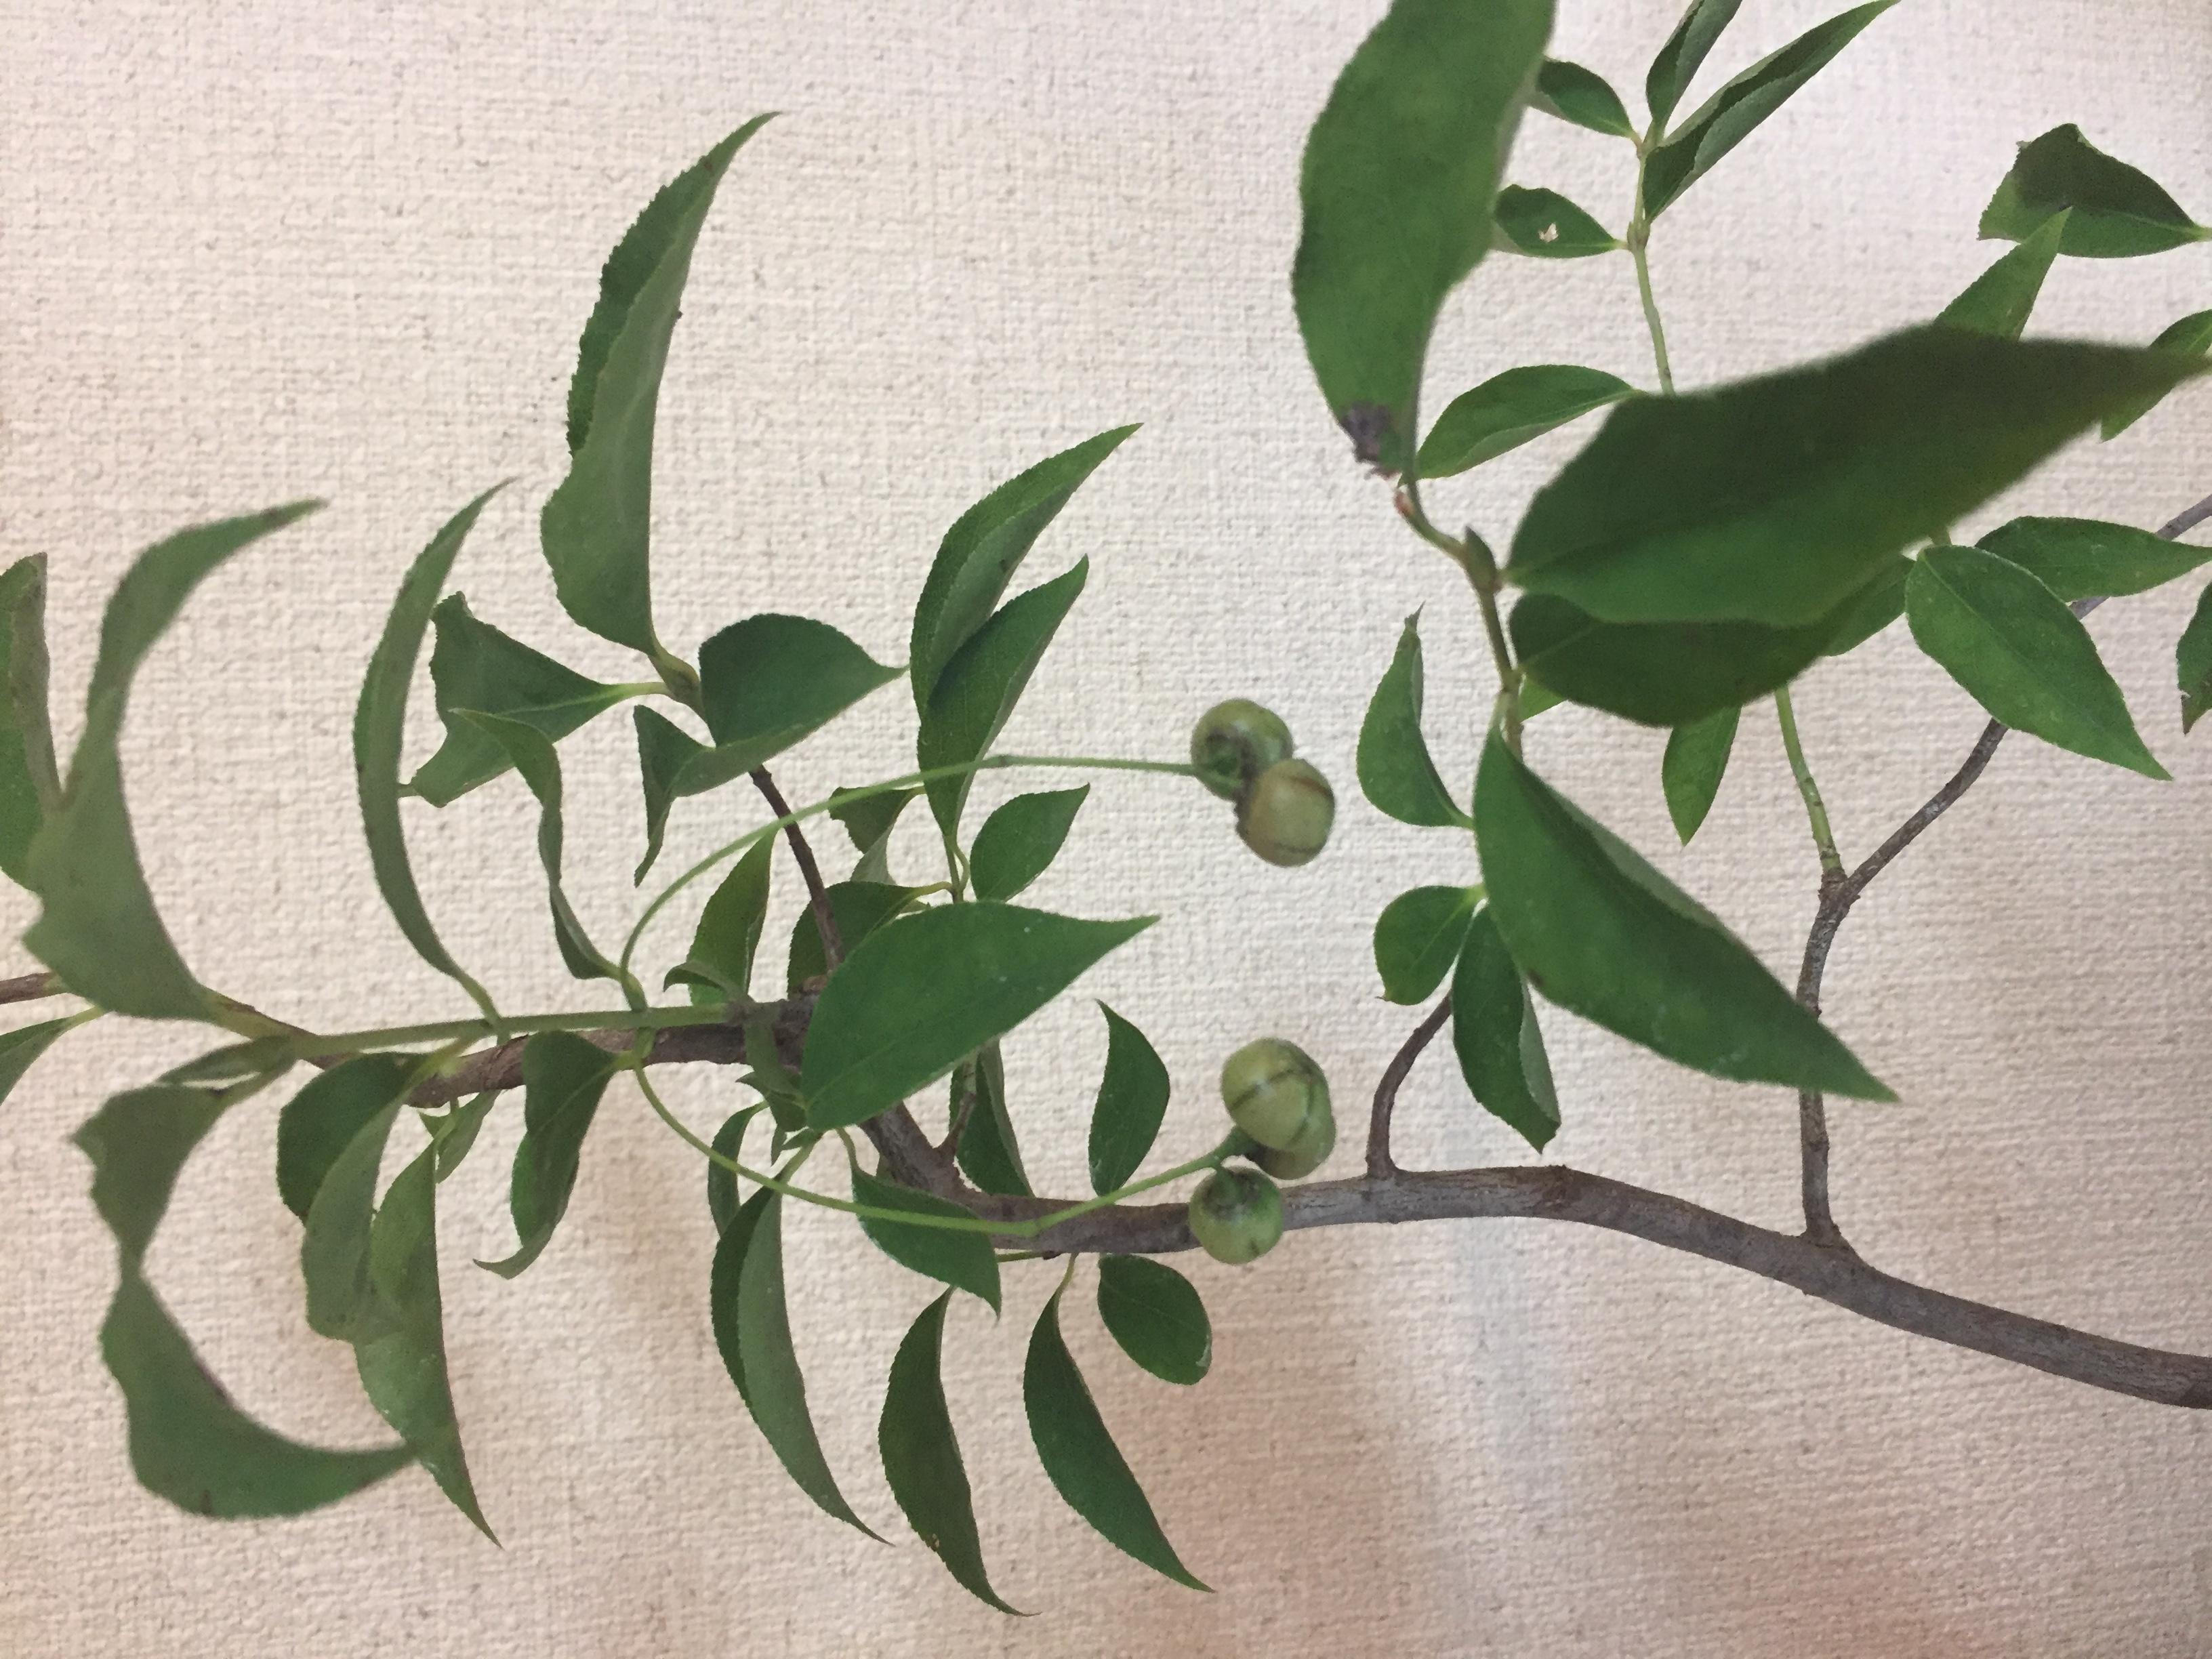 成彦 Shigehiko 盆栽 Bonsai / ツリバナマユミ